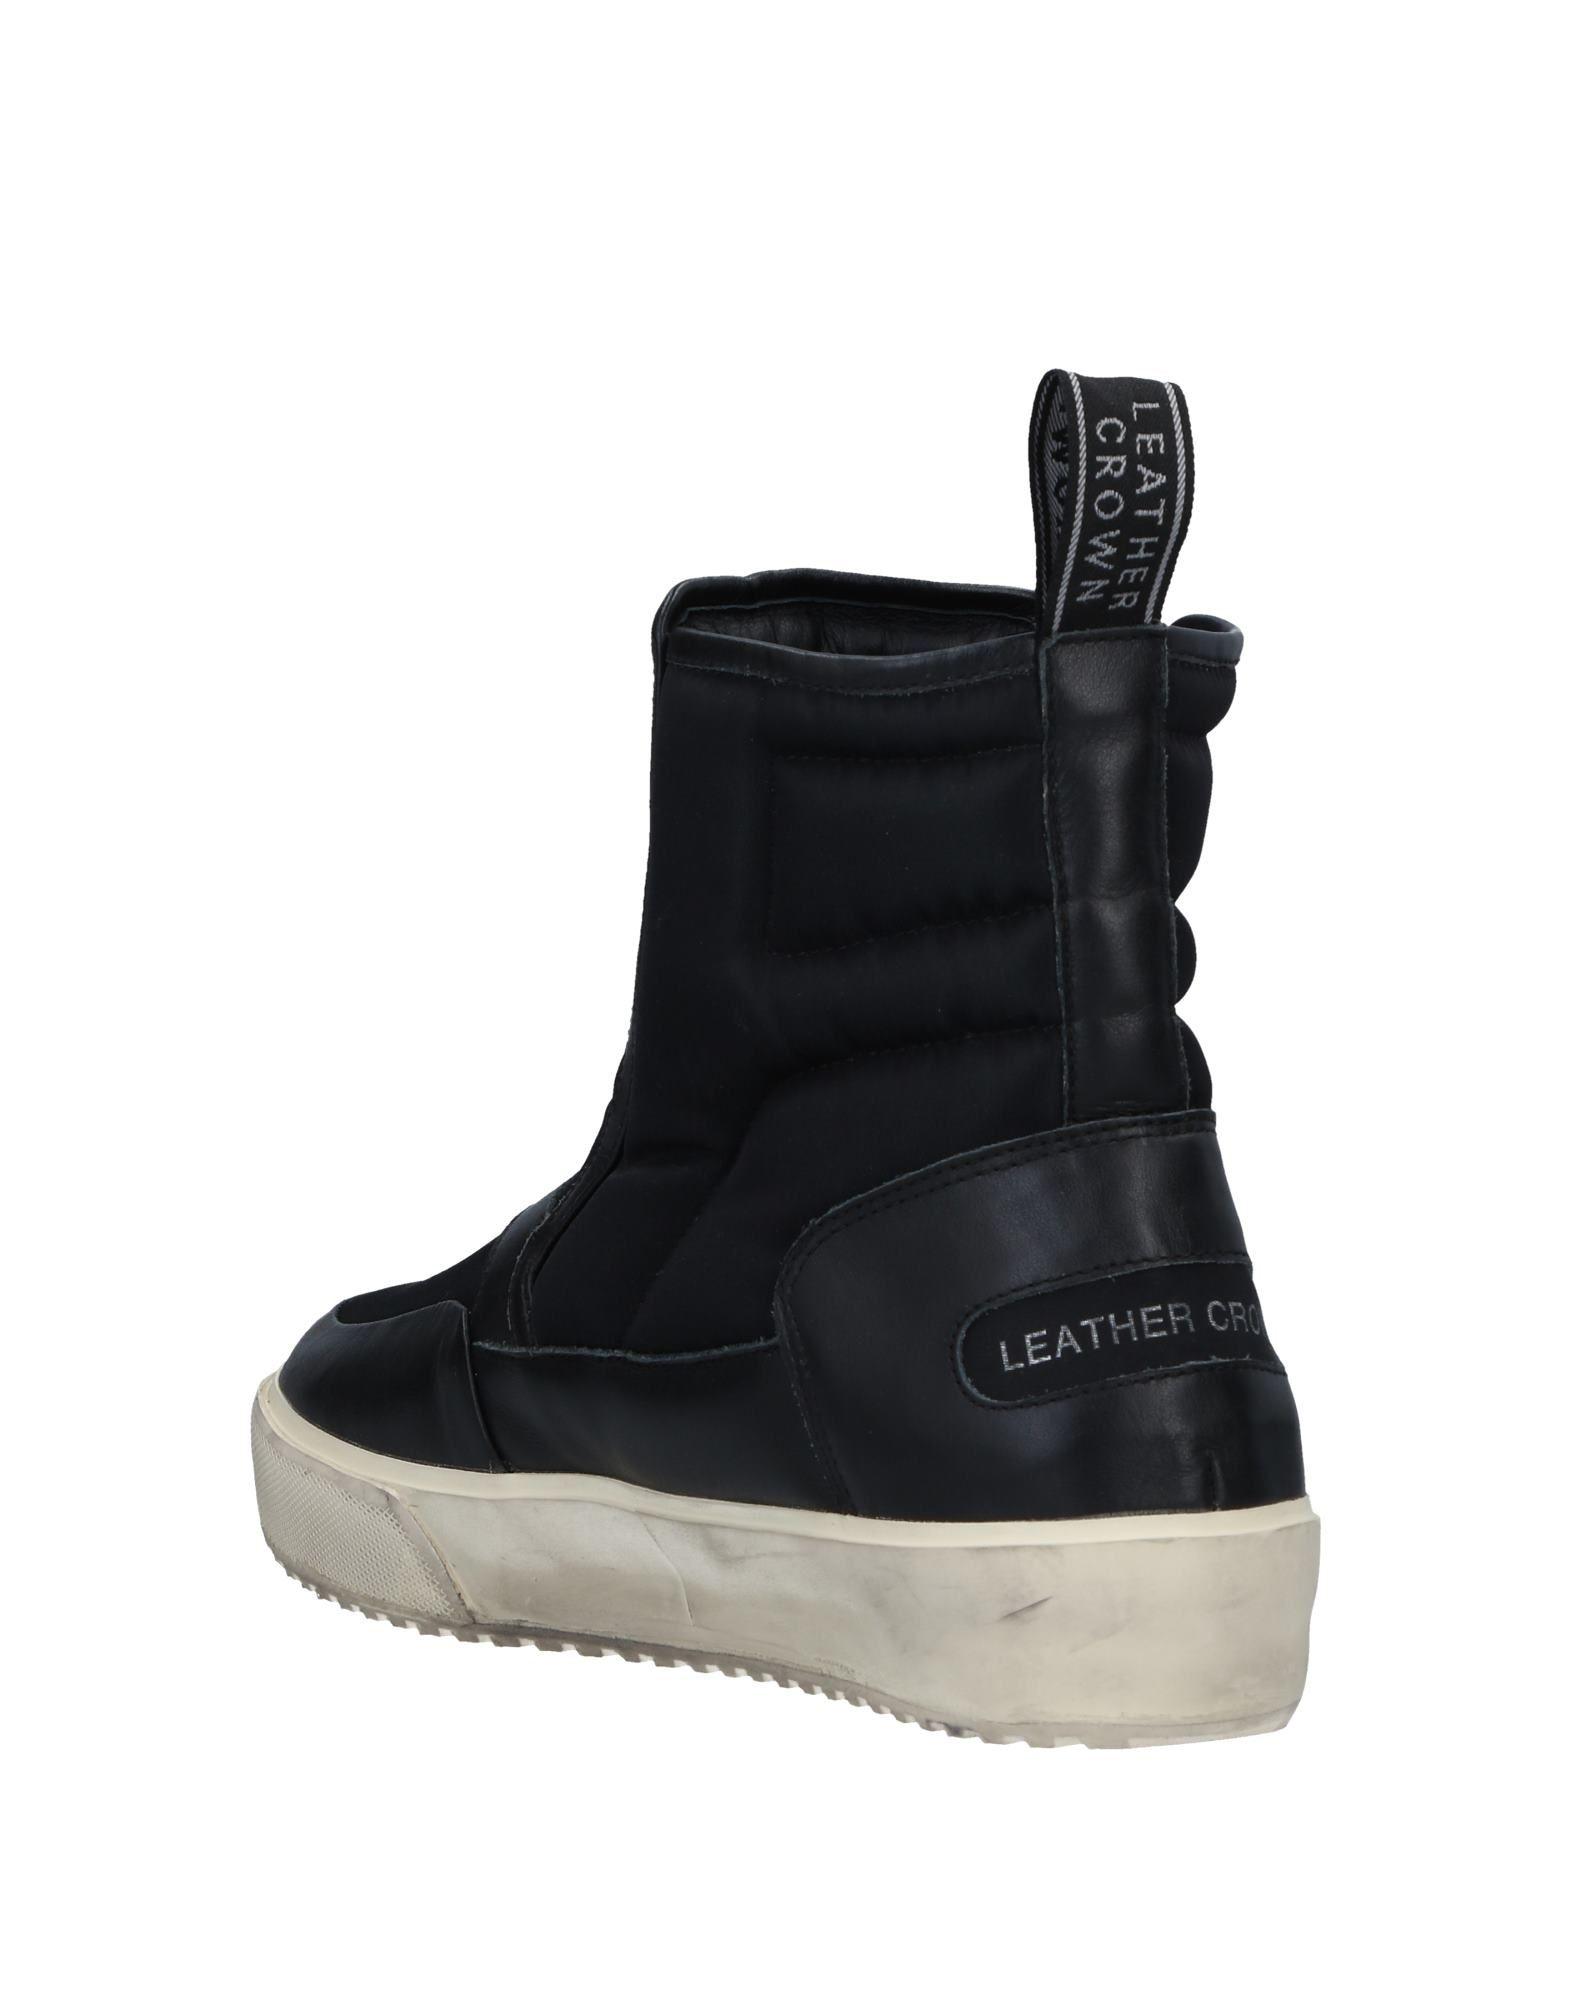 Leather Crown Stiefelette Herren  11532006ID Schuhe Neue Schuhe 11532006ID b33c5d